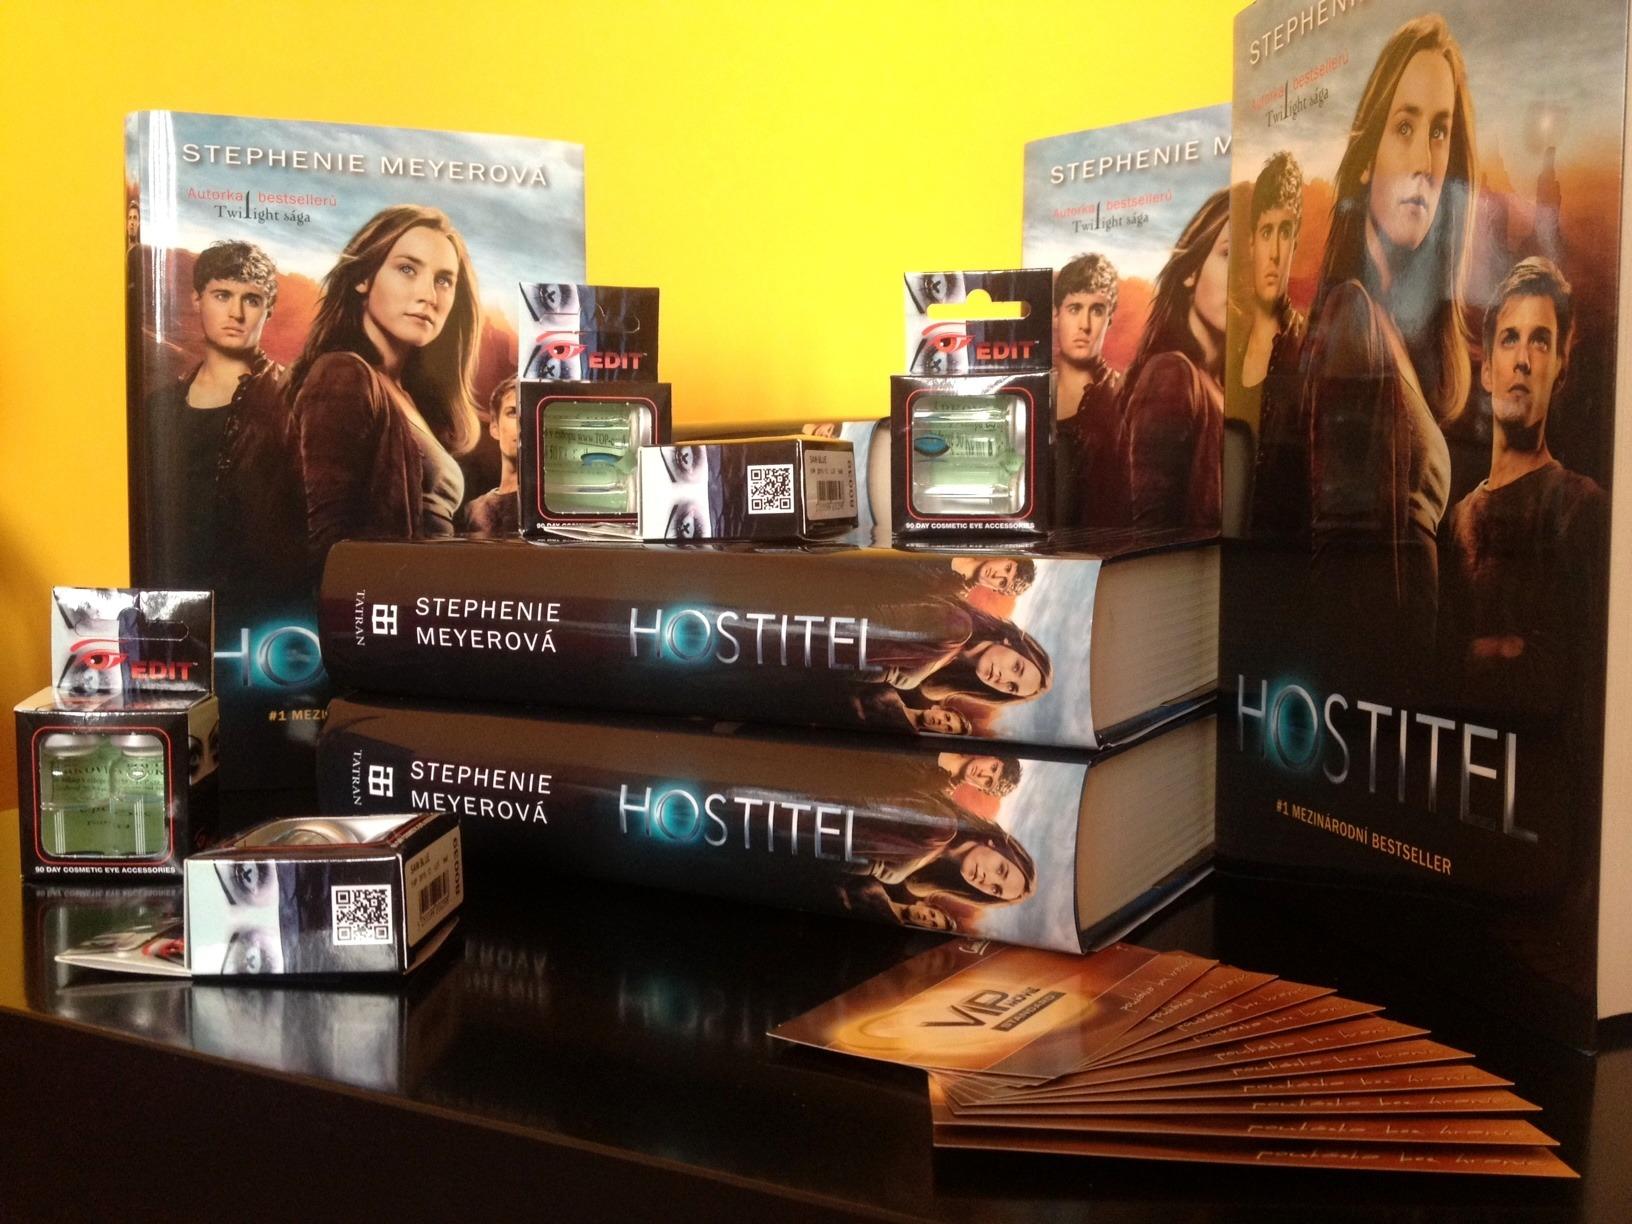 Týden s Hostitelem: Soutěžte o knihy, lístky do kina a kontaktní hostitelské čočky!